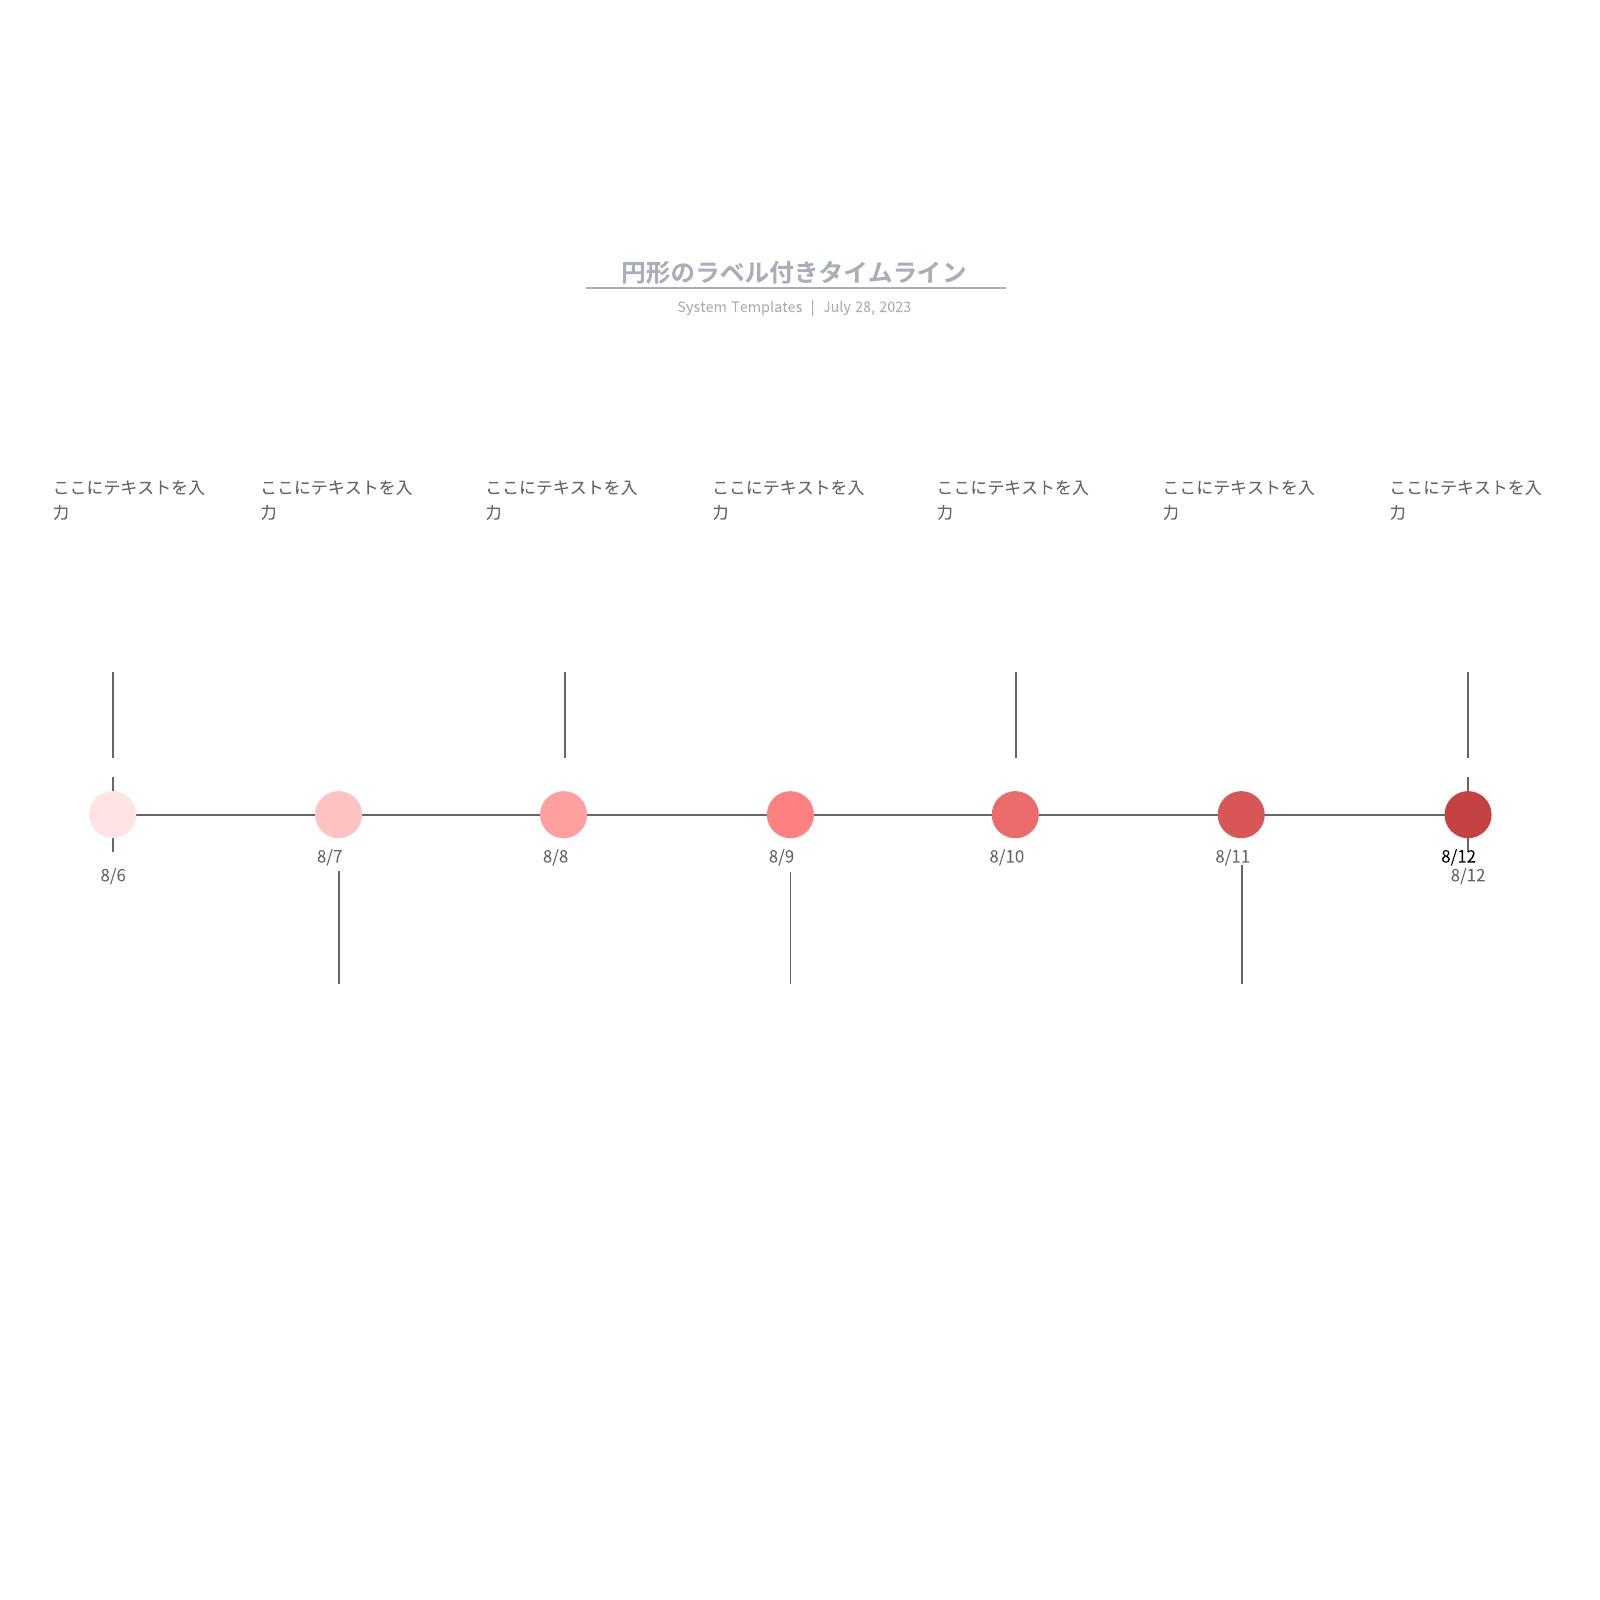 タイムライン作成に使えるテンプレート